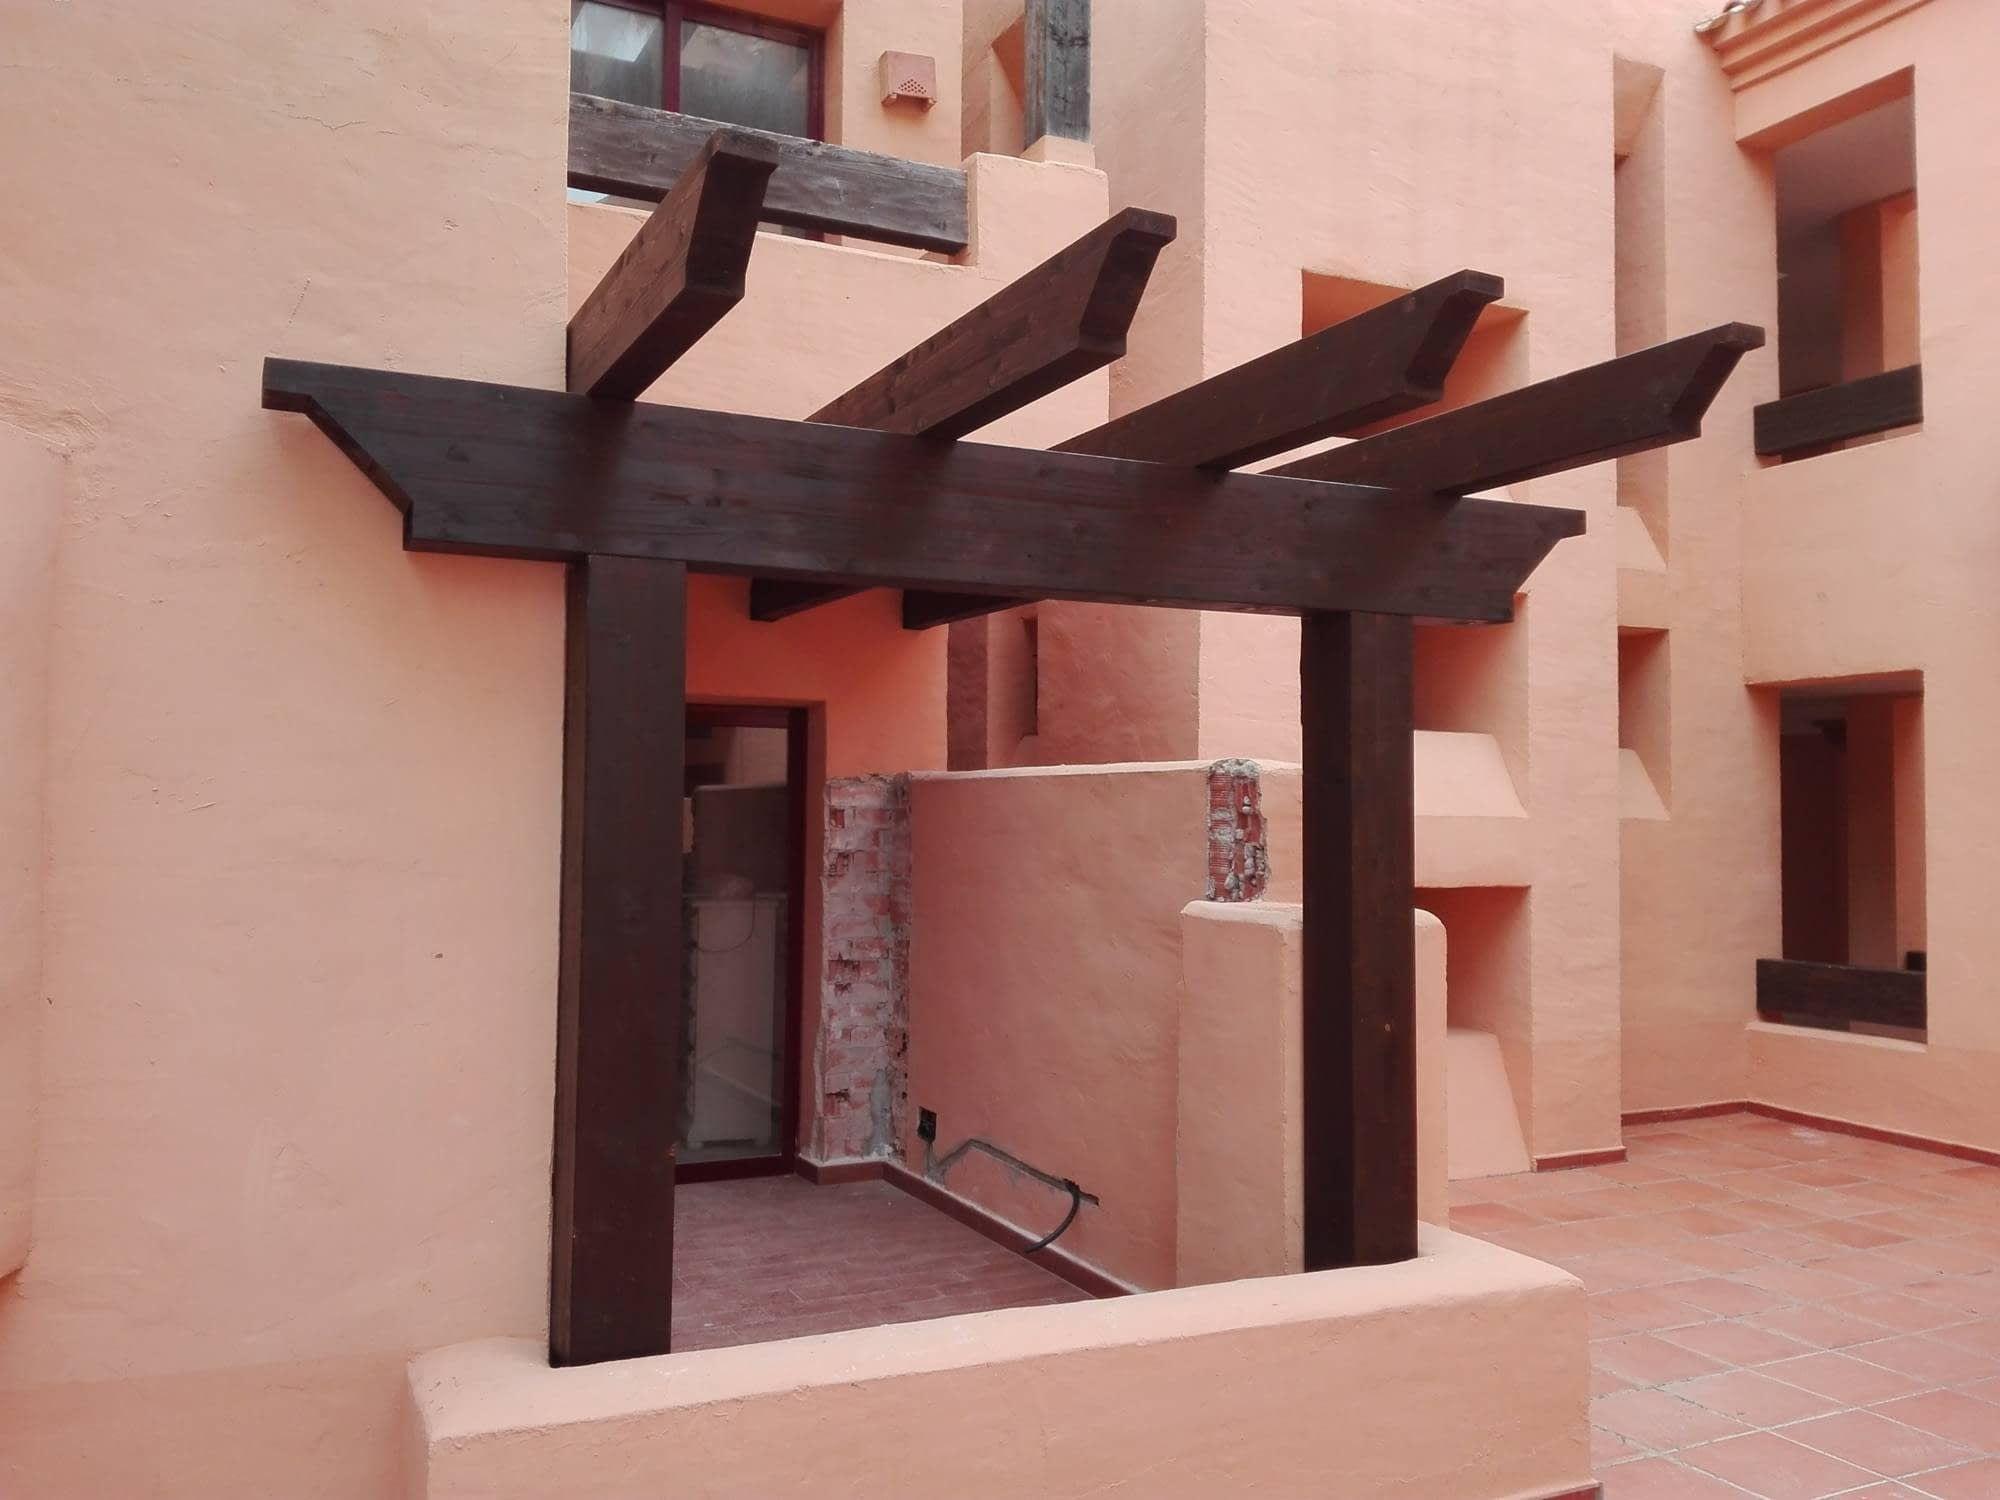 Fabricación a medida de todo tipo de estructuras